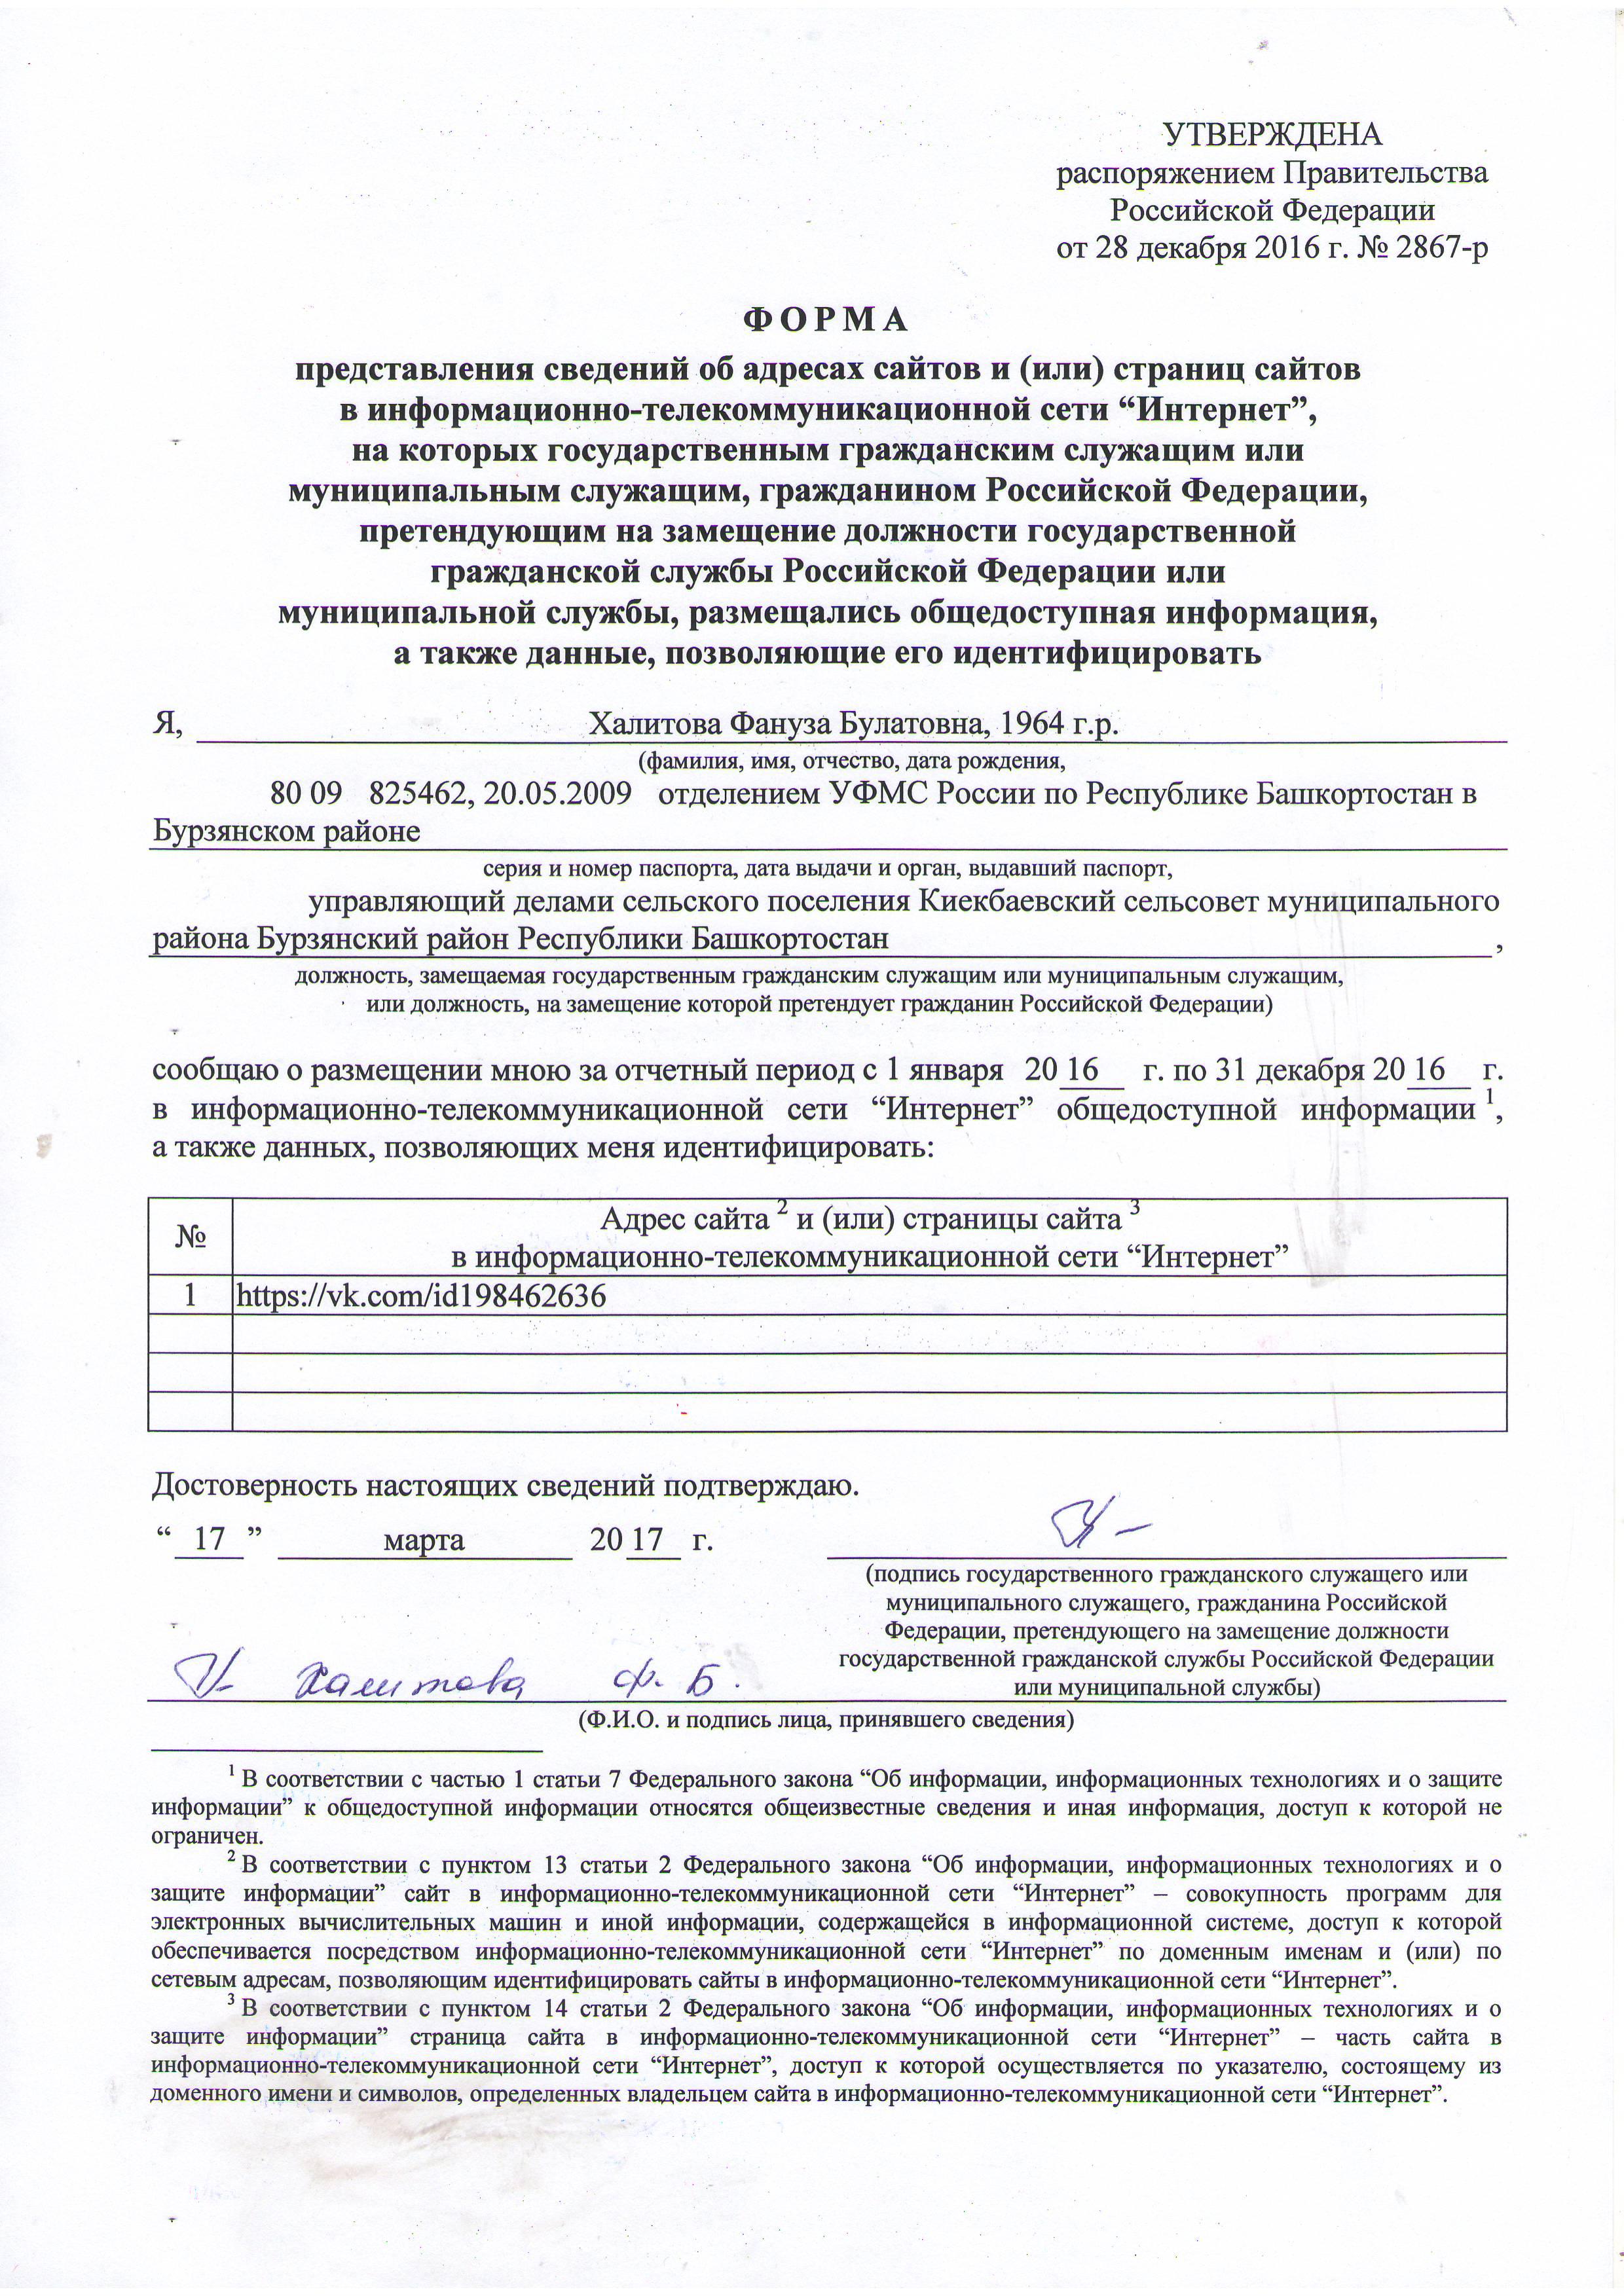 Сведения об адресах сайтов Халитовой